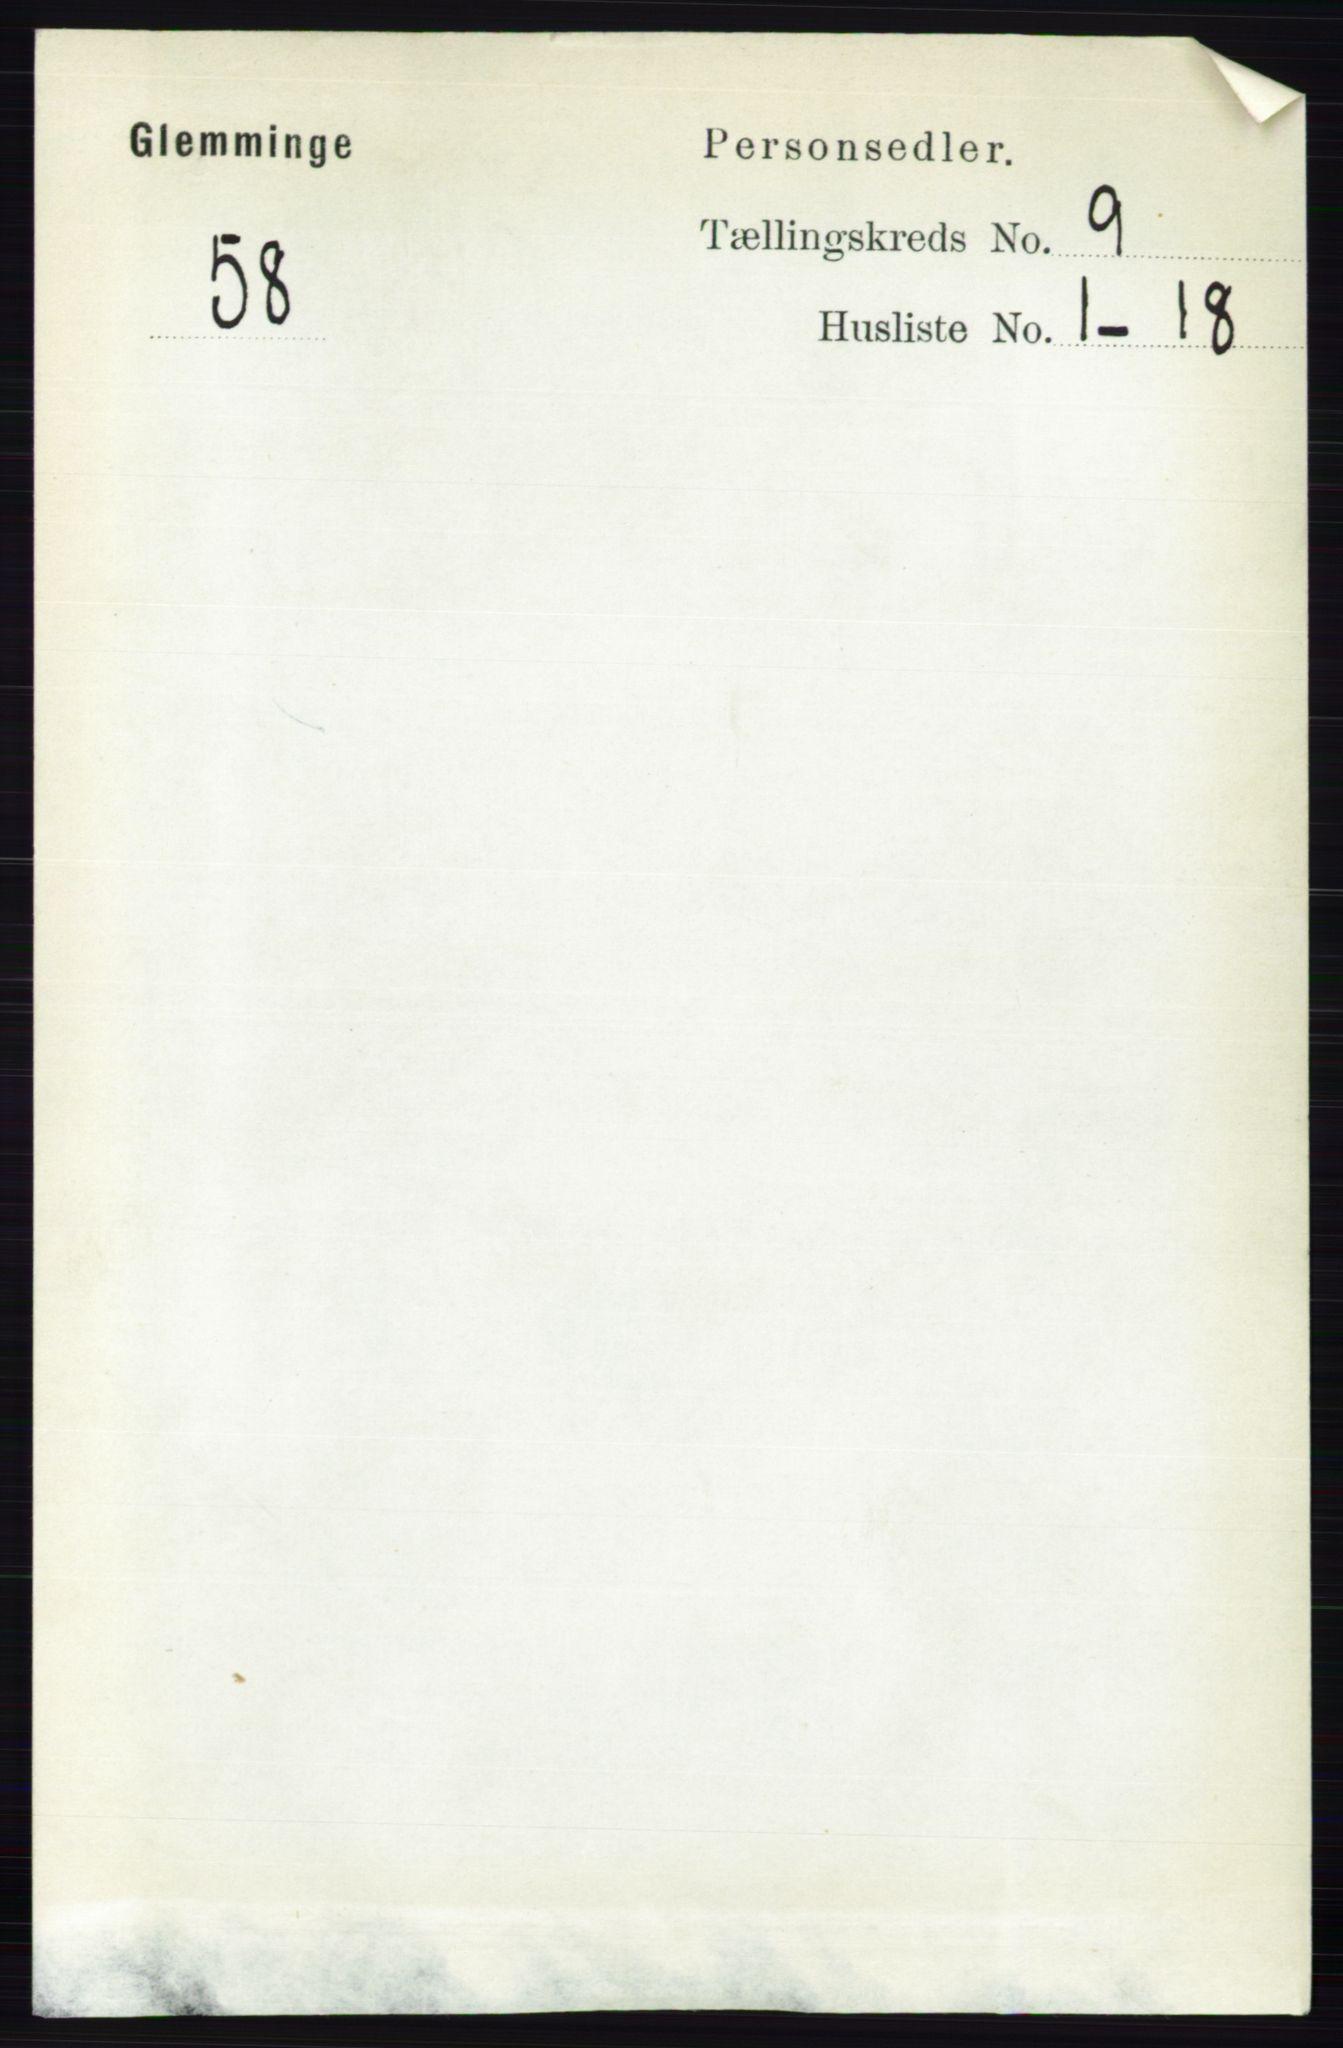 RA, Folketelling 1891 for 0132 Glemmen herred, 1891, s. 9582